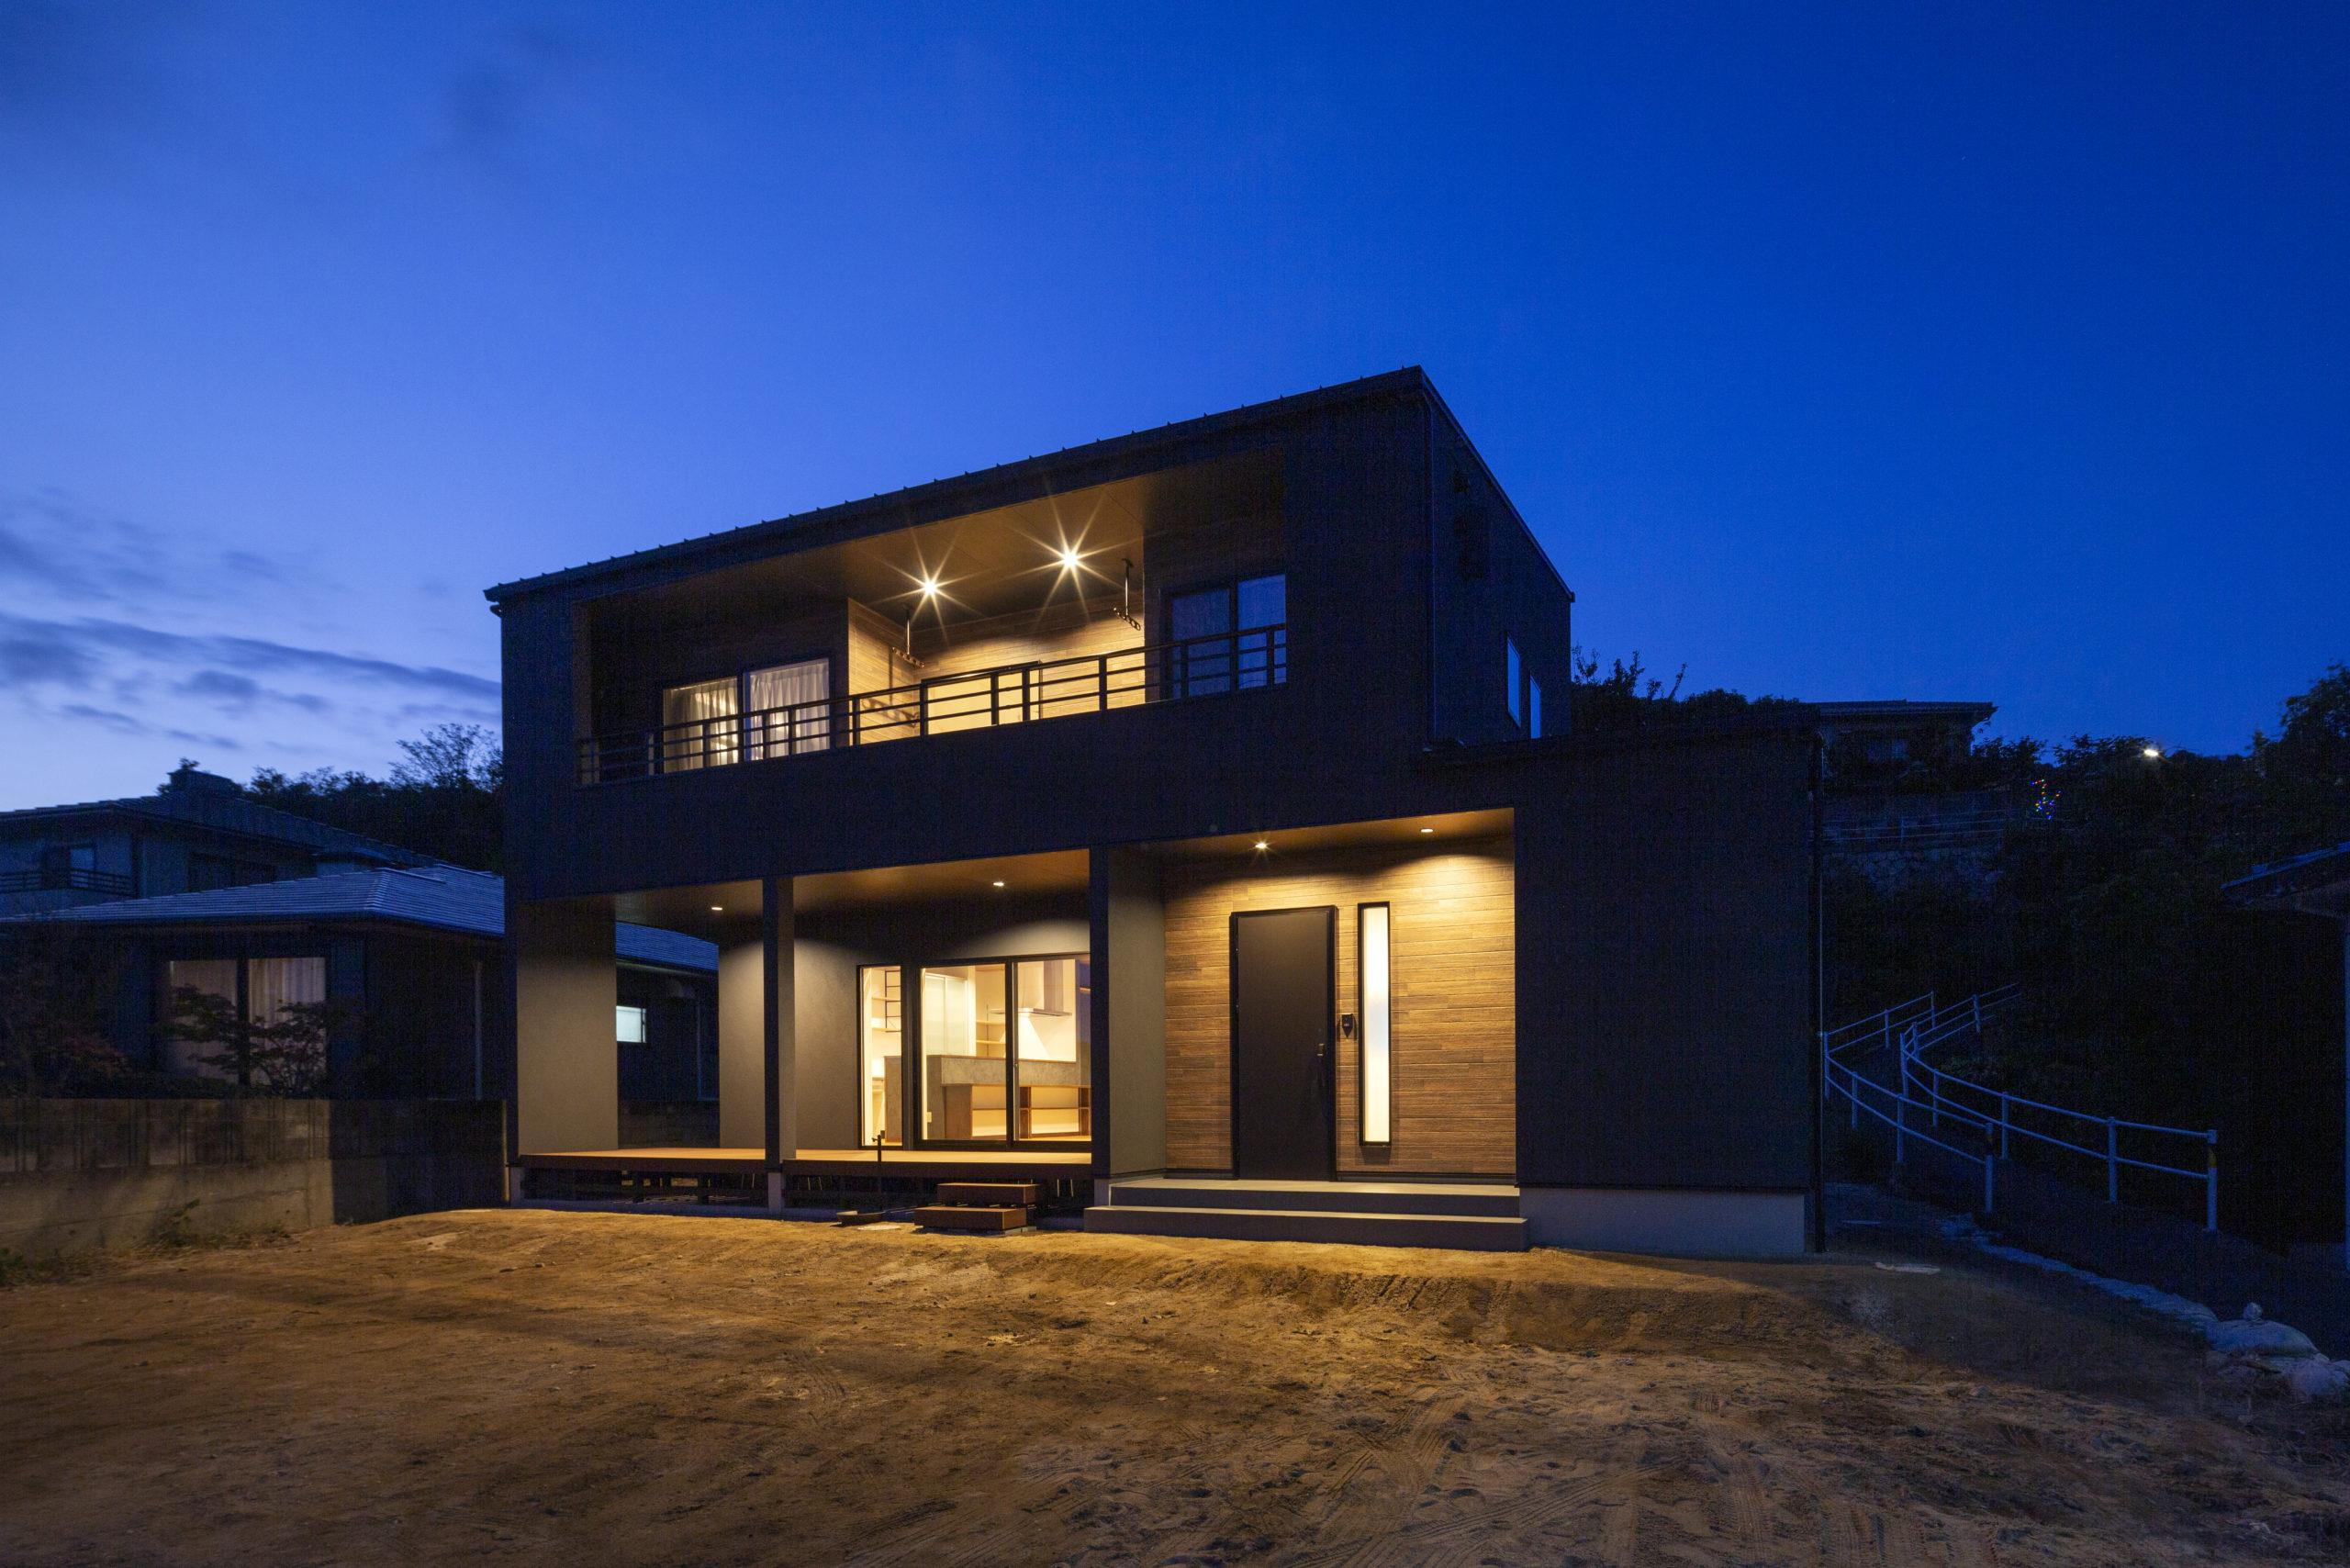 福山市の注文住宅|今井住建の施工事例ギャラリー「夜の外観もしっかり設計します」